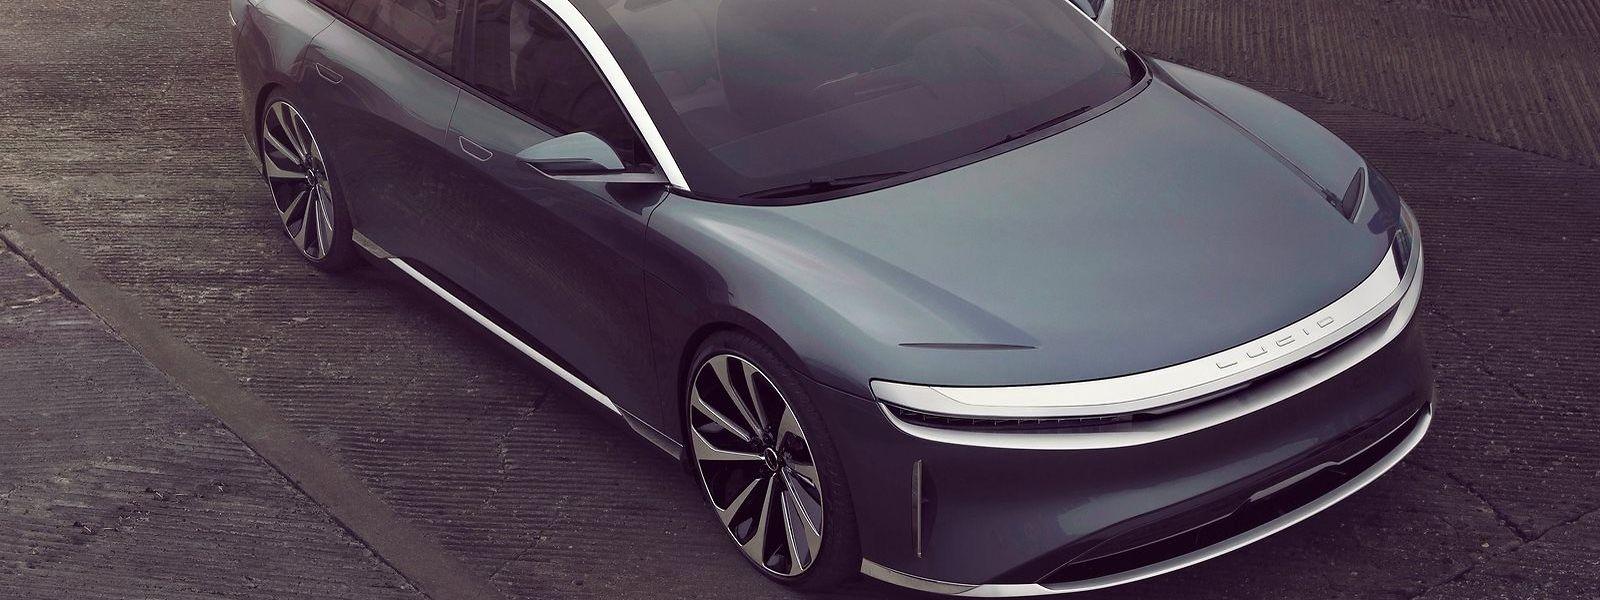 Mit 933 PS muss dieses Monster noch mit dem zukünftigen Tesla Model S Plaid konkurrieren.